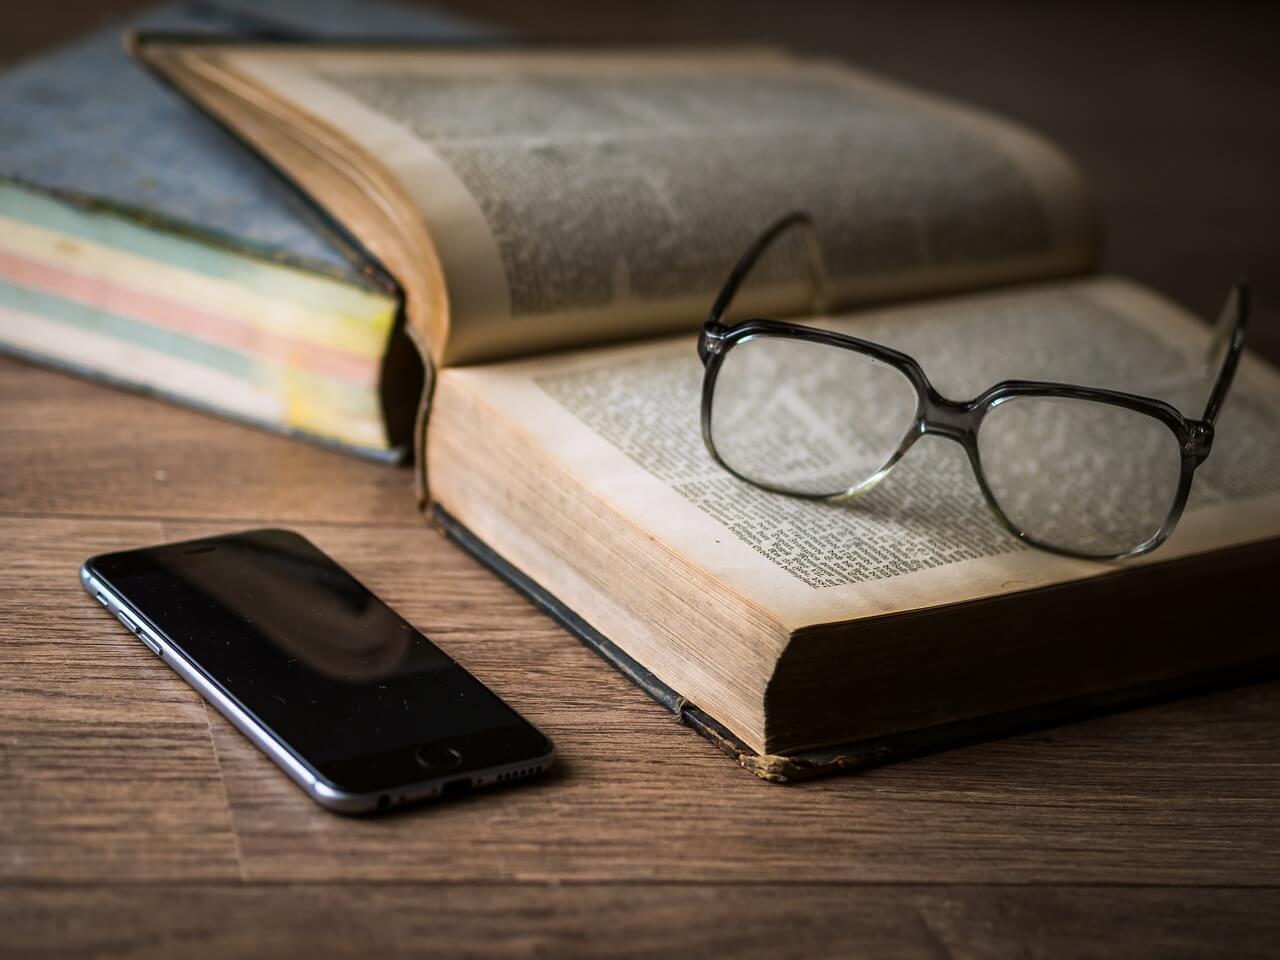 phone 1052023 1280 1 - Ini Dia 16 Trik Ampuh Cara Belajar yang Efektif, Efisien dan Menyenangkan